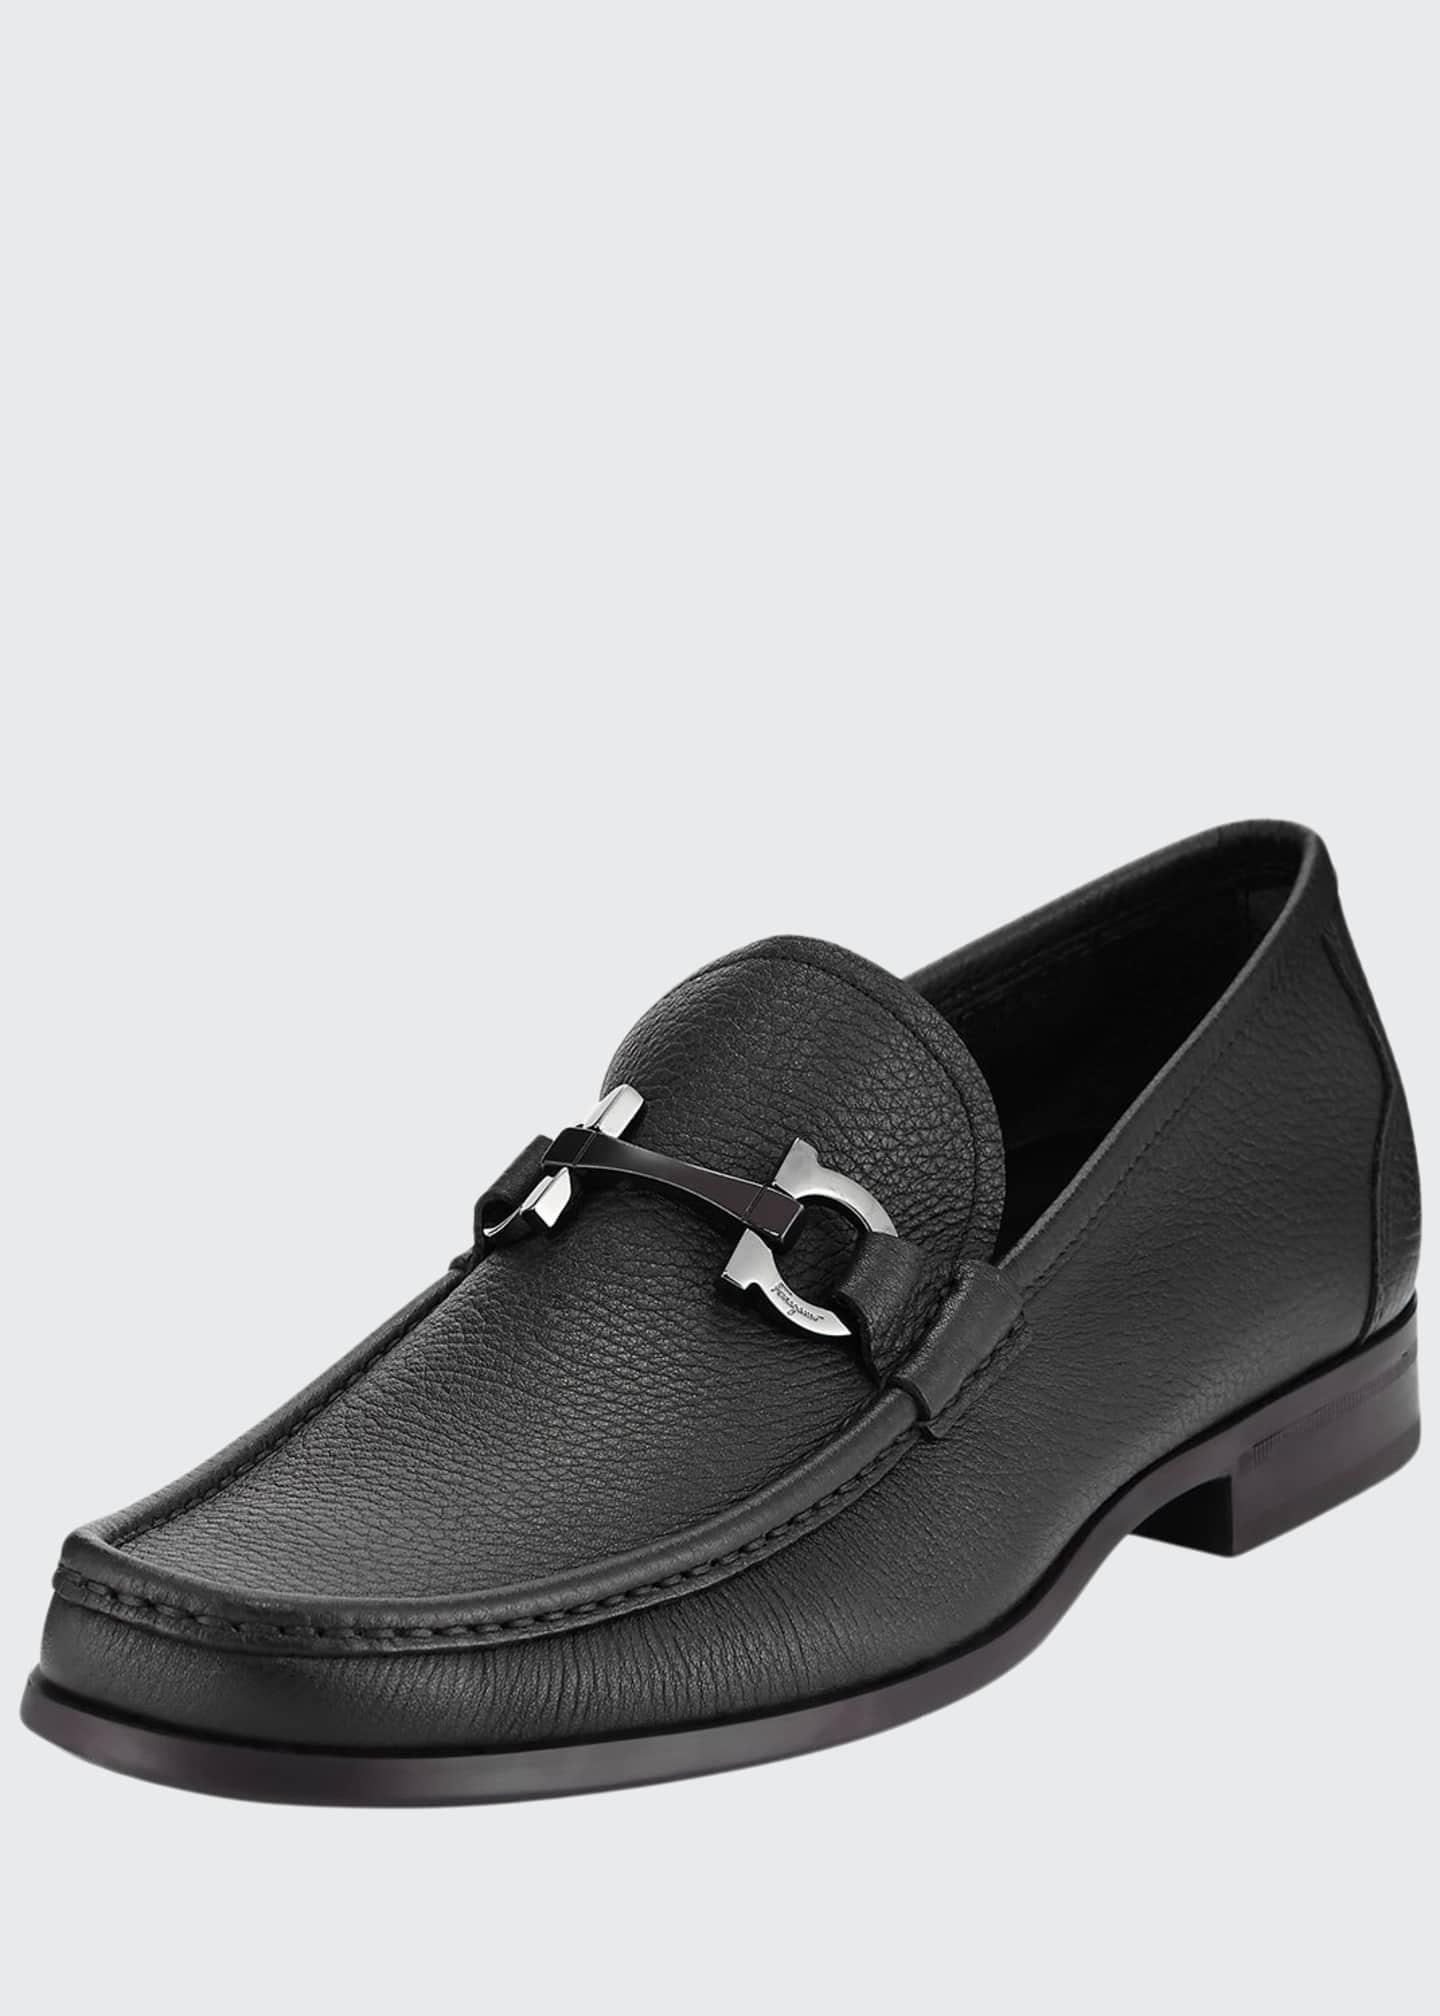 Salvatore Ferragamo Men's Grained Calf Leather Bit Loafer